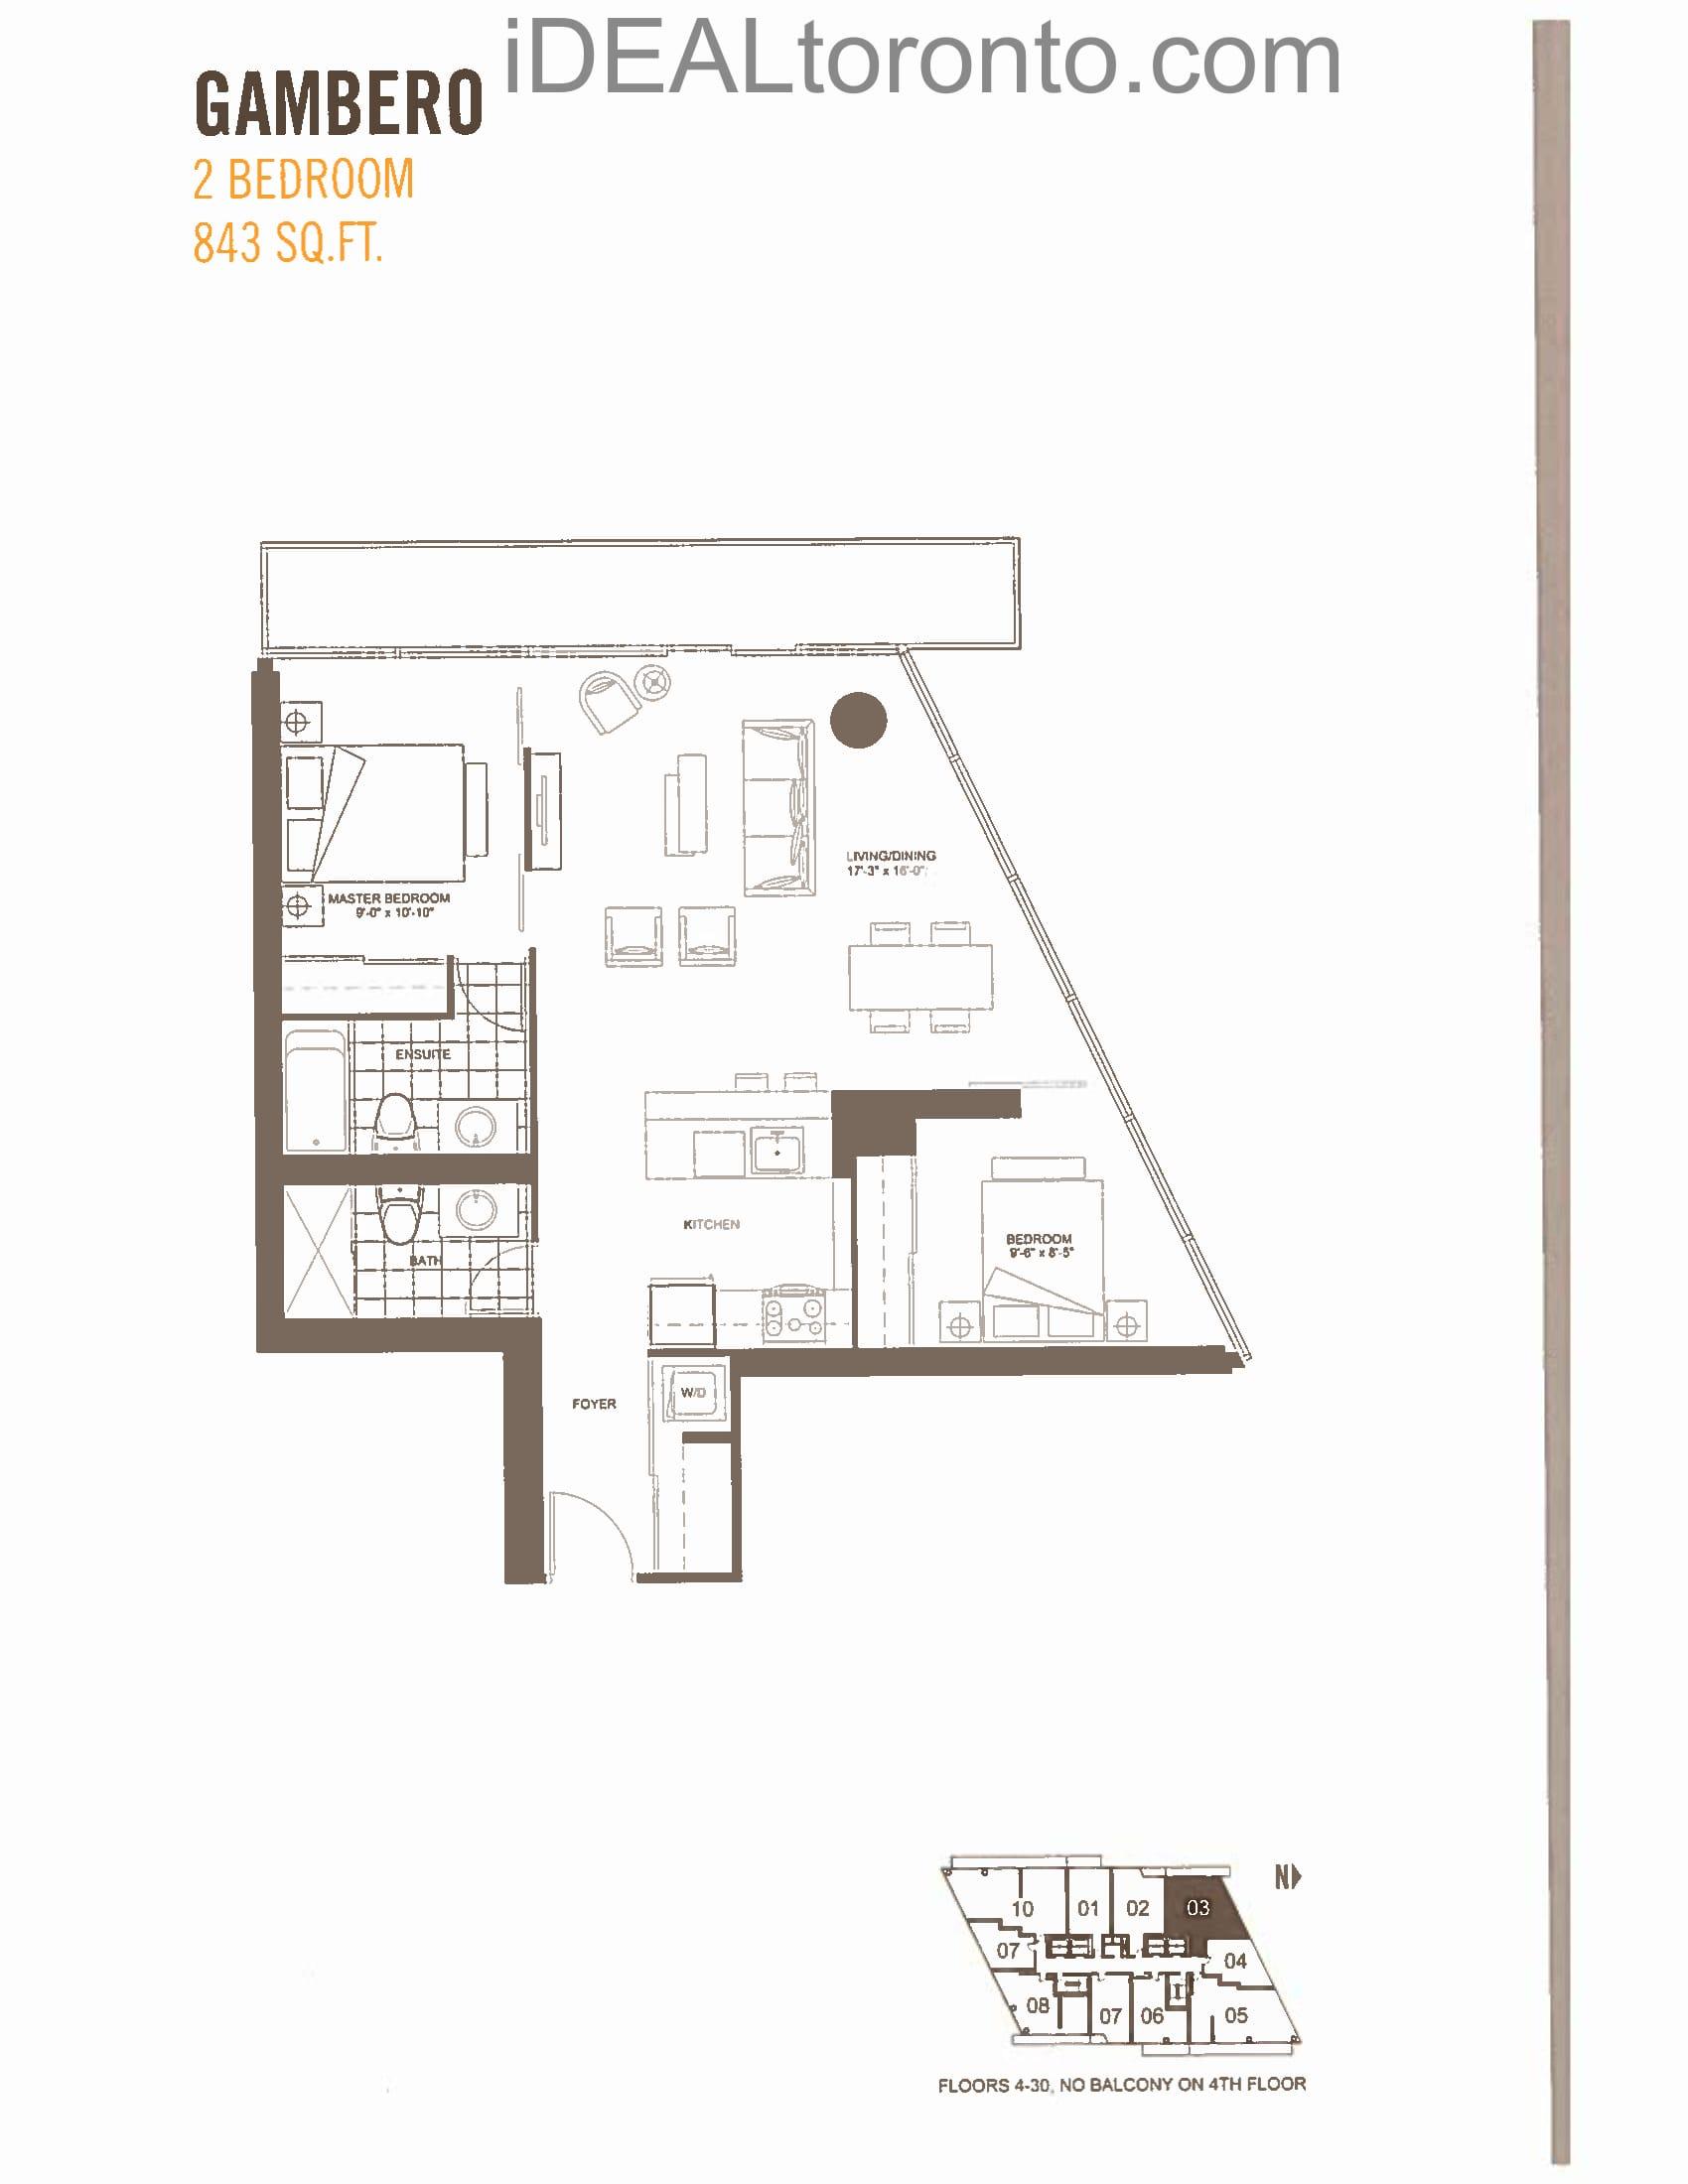 Gambero: 2 Bedroom,NW, 843 SqFt